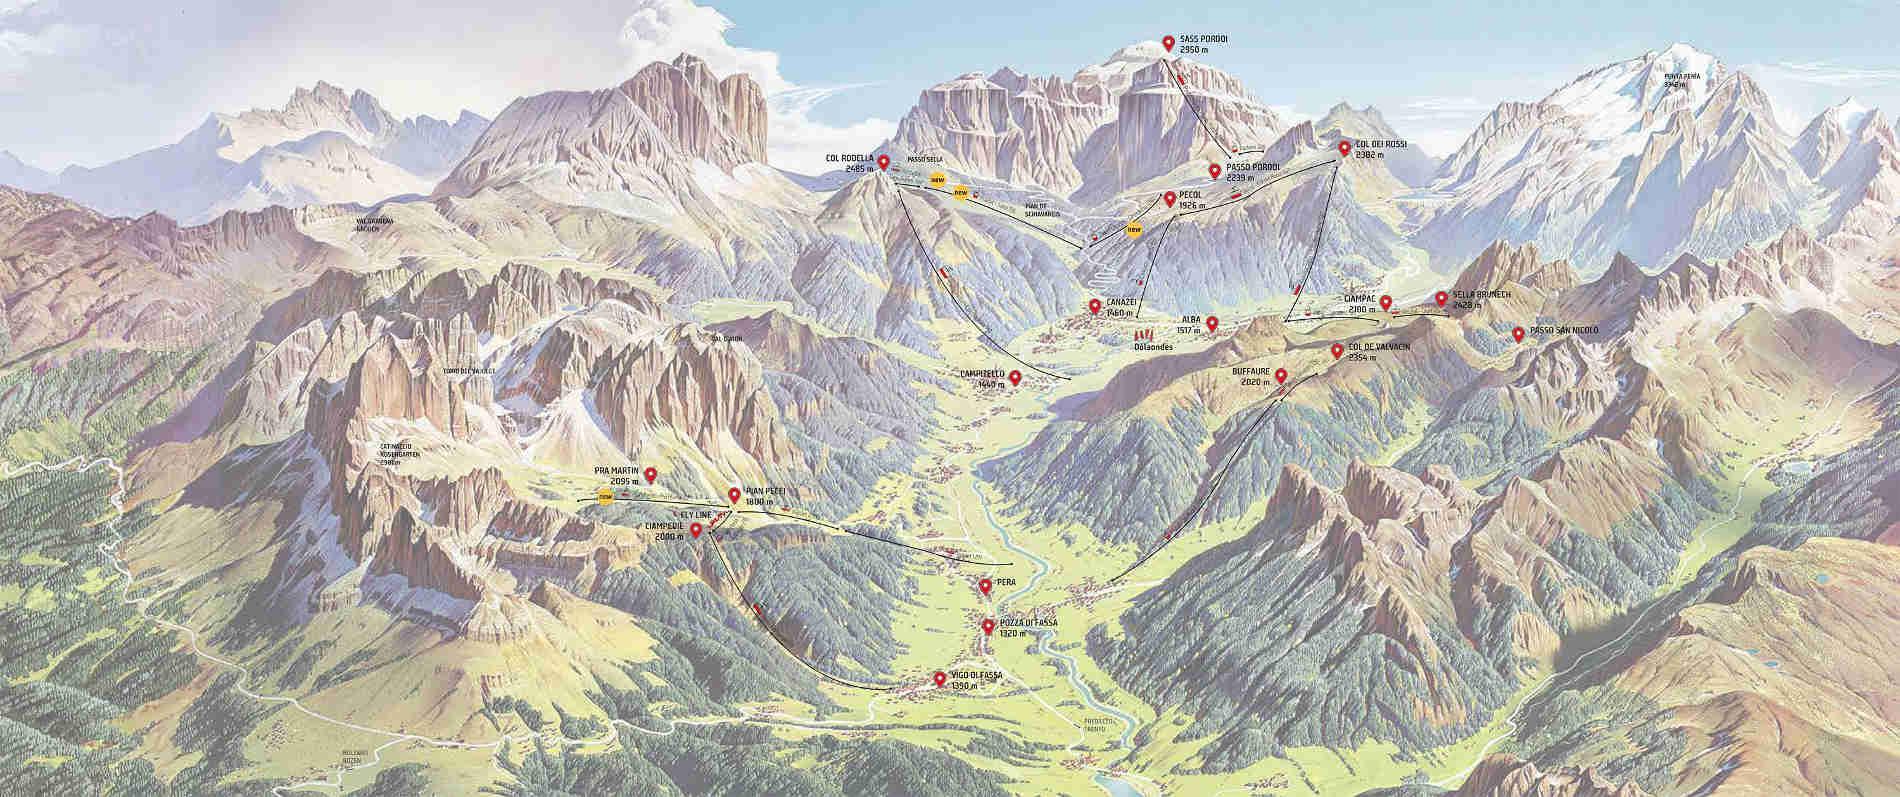 Mappa della Val di Fassa in modalità invernale (fonte sito ufficiale della Valle